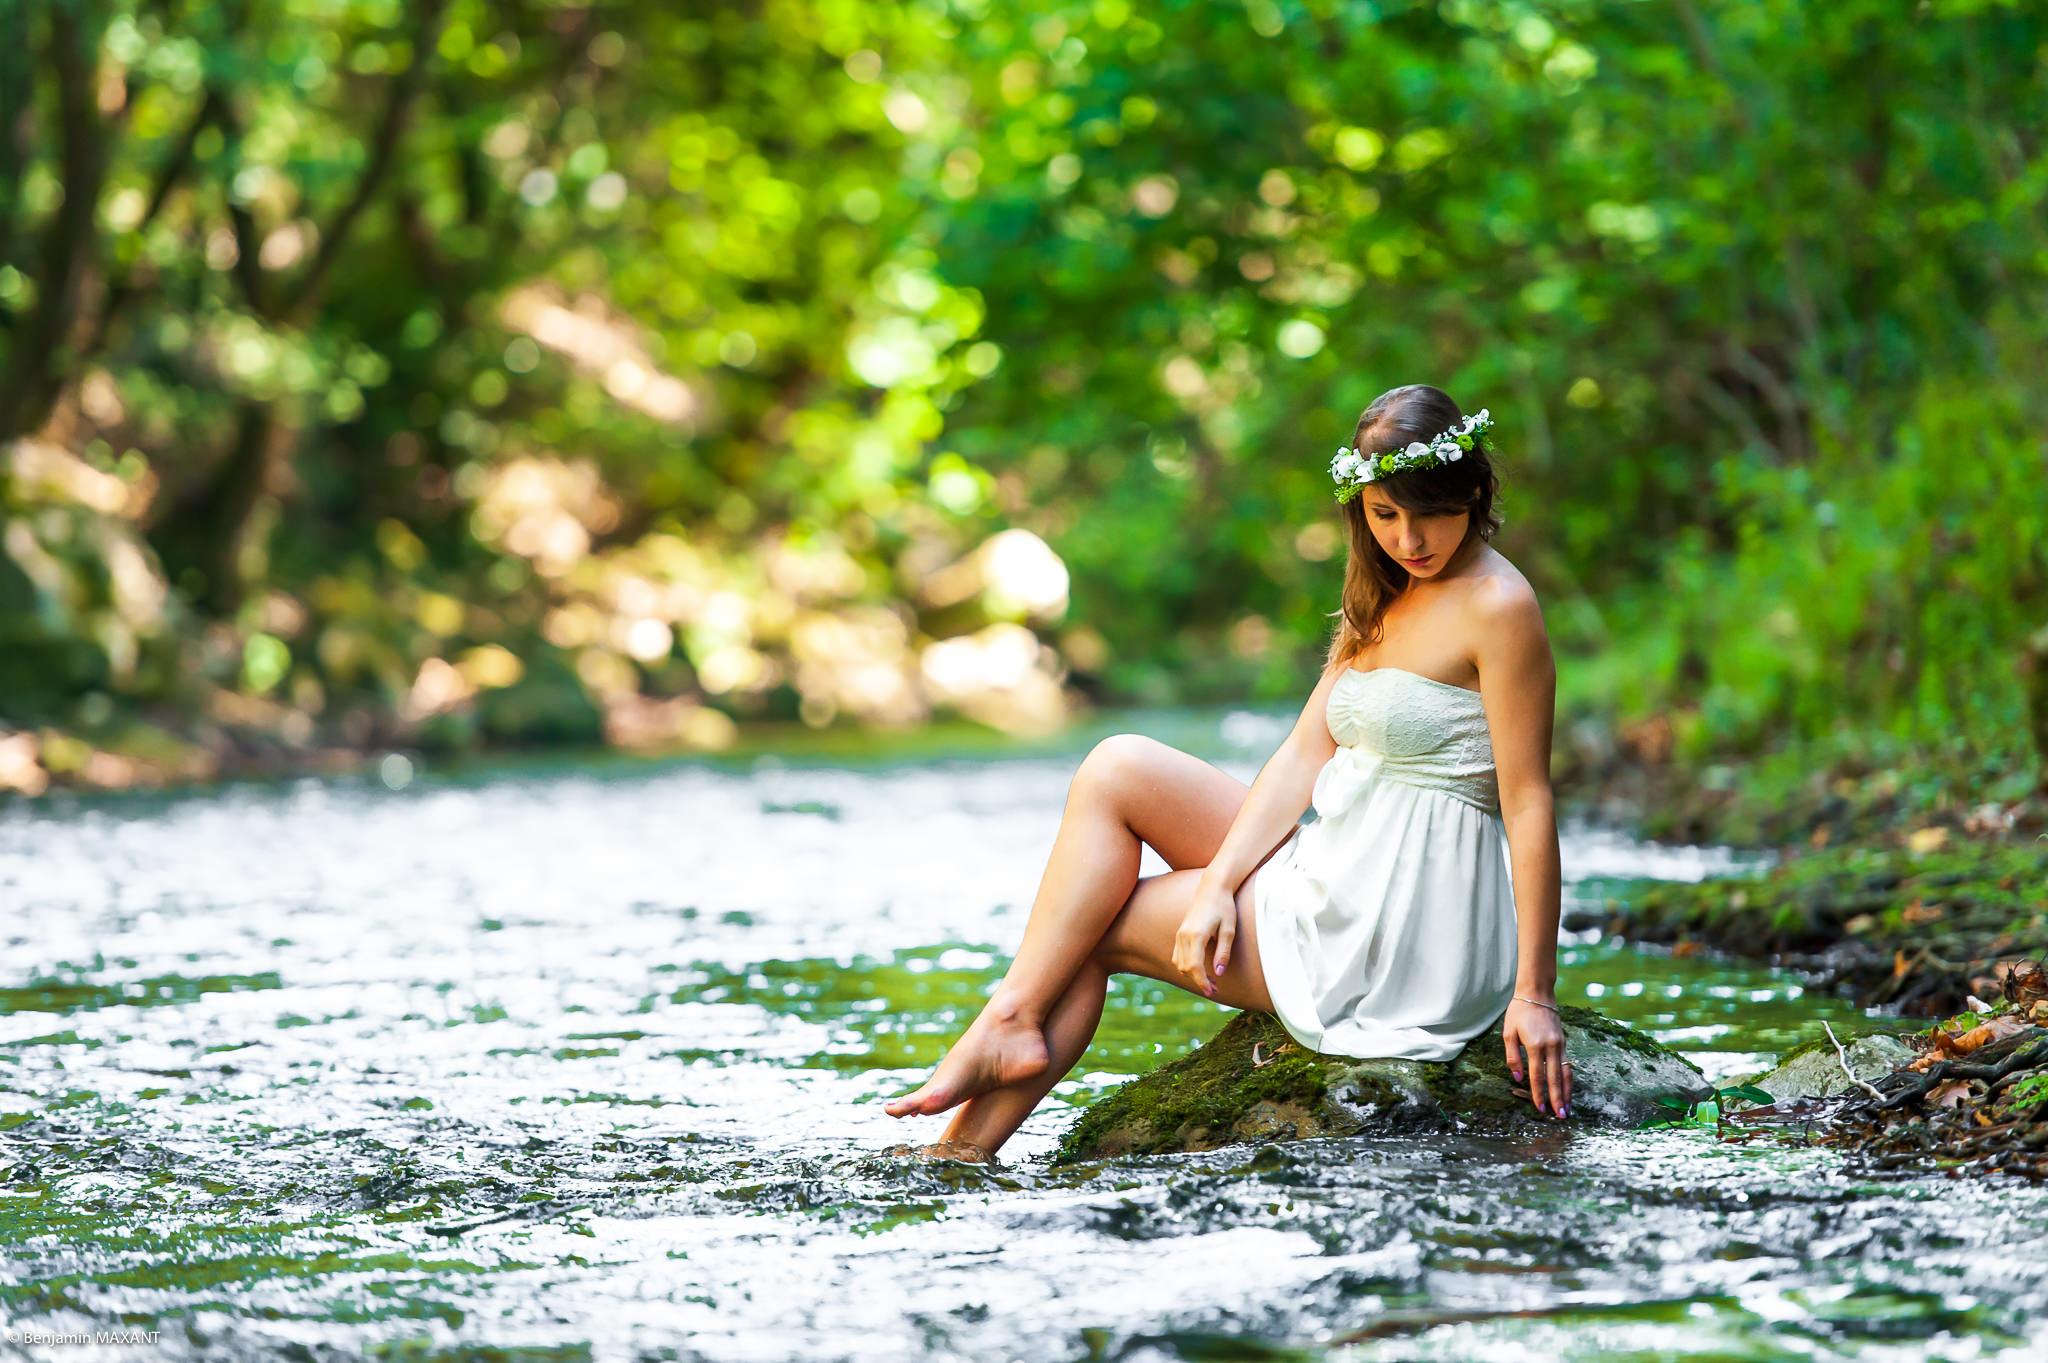 Séance photo rivière douceur avec Keky